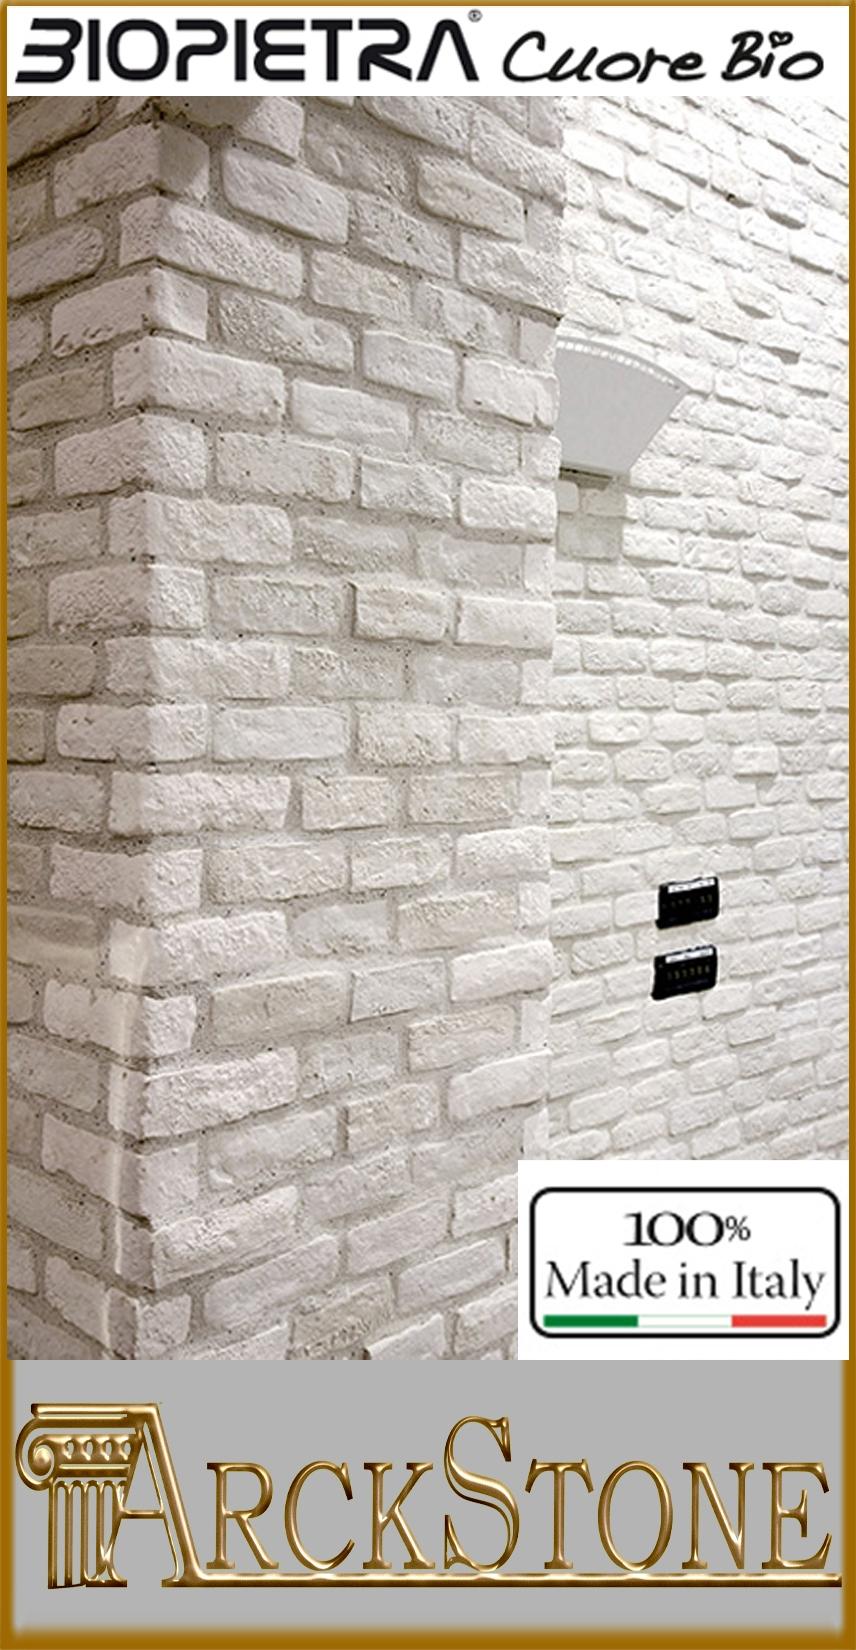 Mattoni Bianchi Per Esterni dettagli su arckstone angoli pietra ricompost kerma biopietra listello  mattone antico bianco